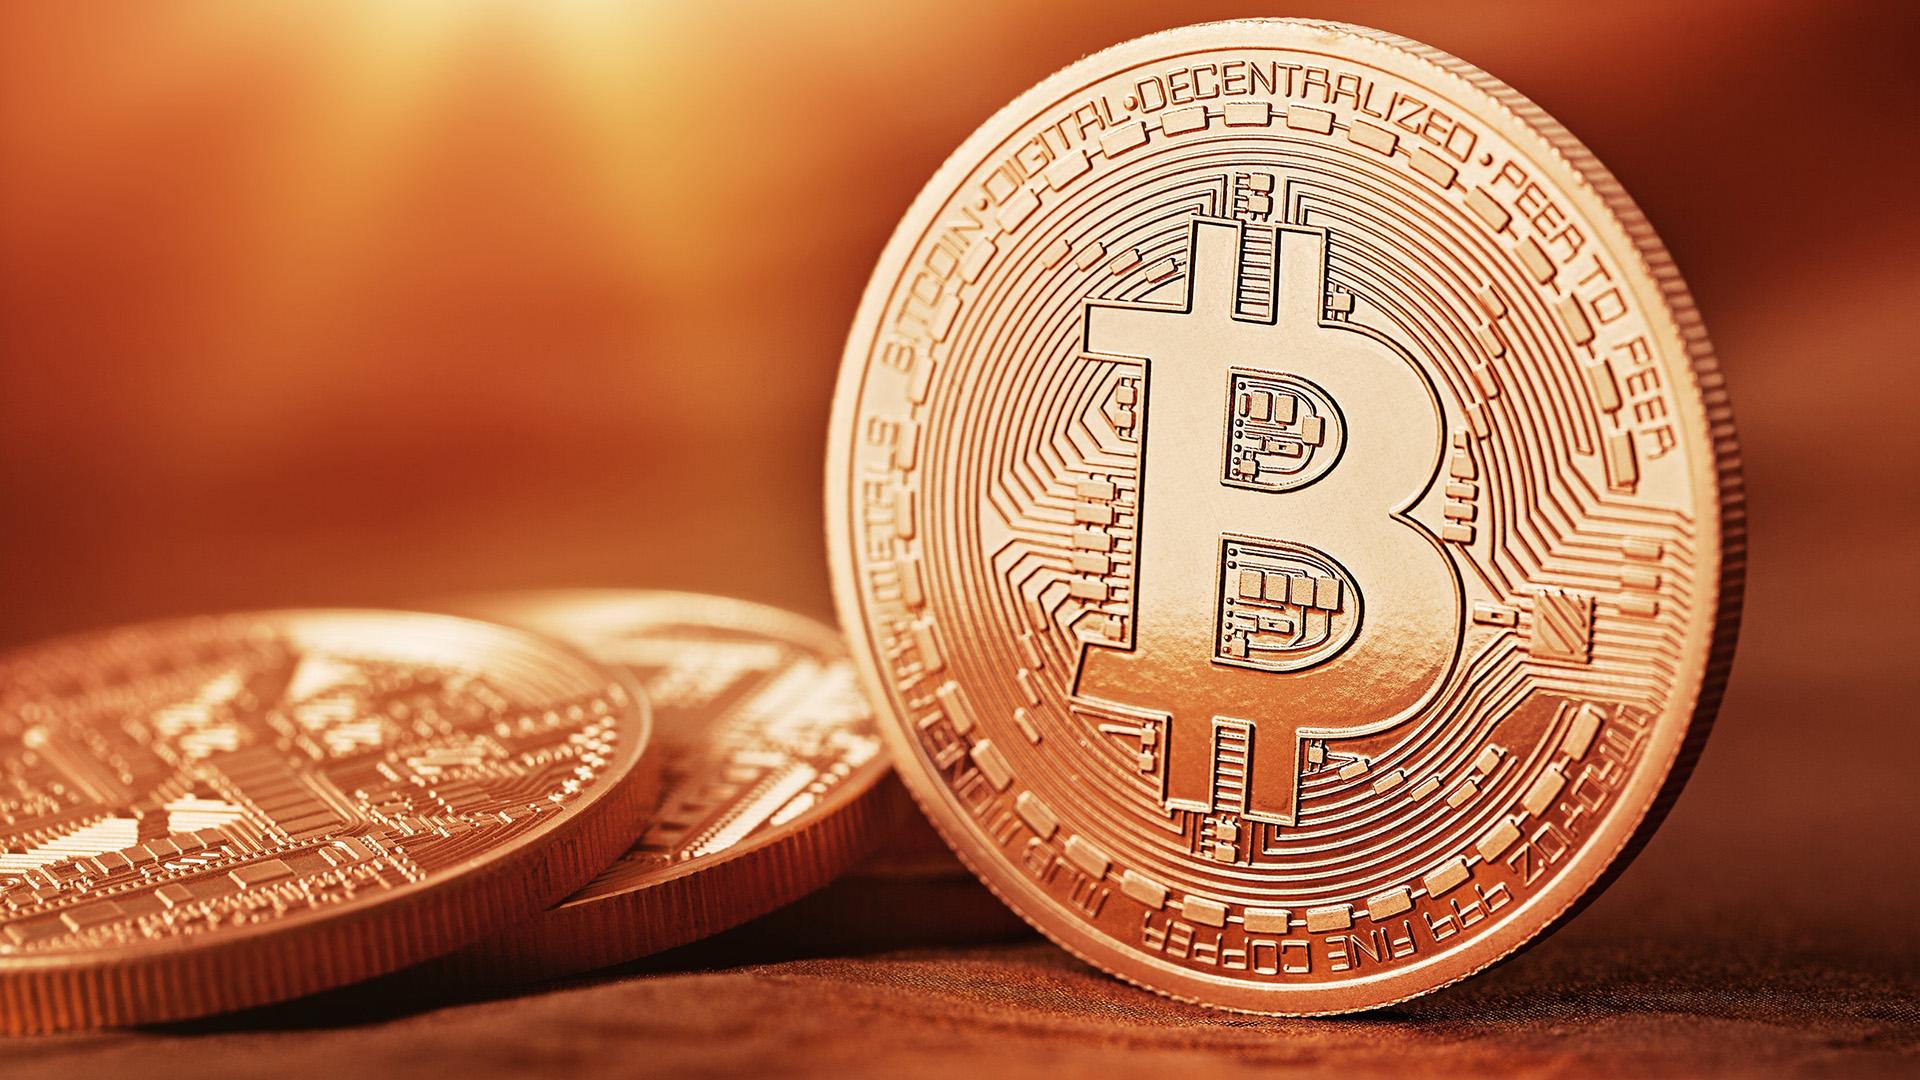 Bitcoin Desktop HD Wallpaper 62343 1920x1080px 1920x1080